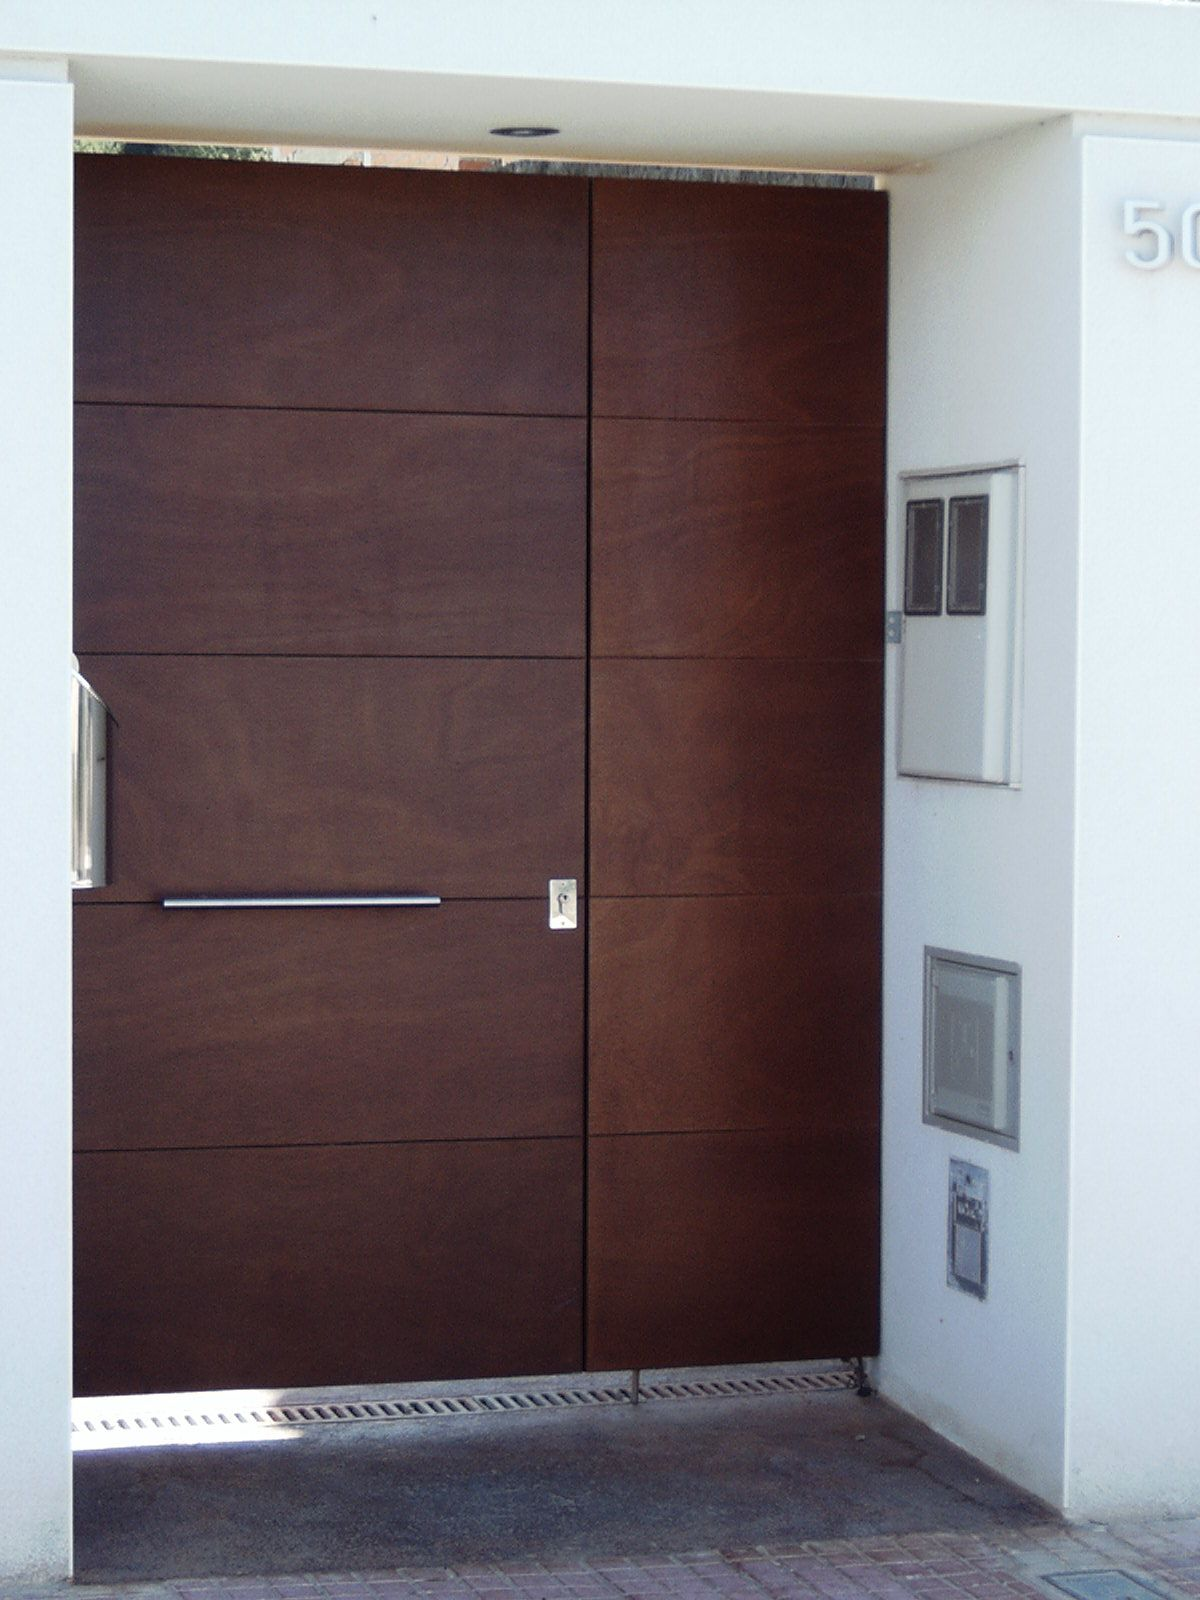 Acero corten oxidado grupo inoxmetal construcciones for Puertas imitacion madera exterior